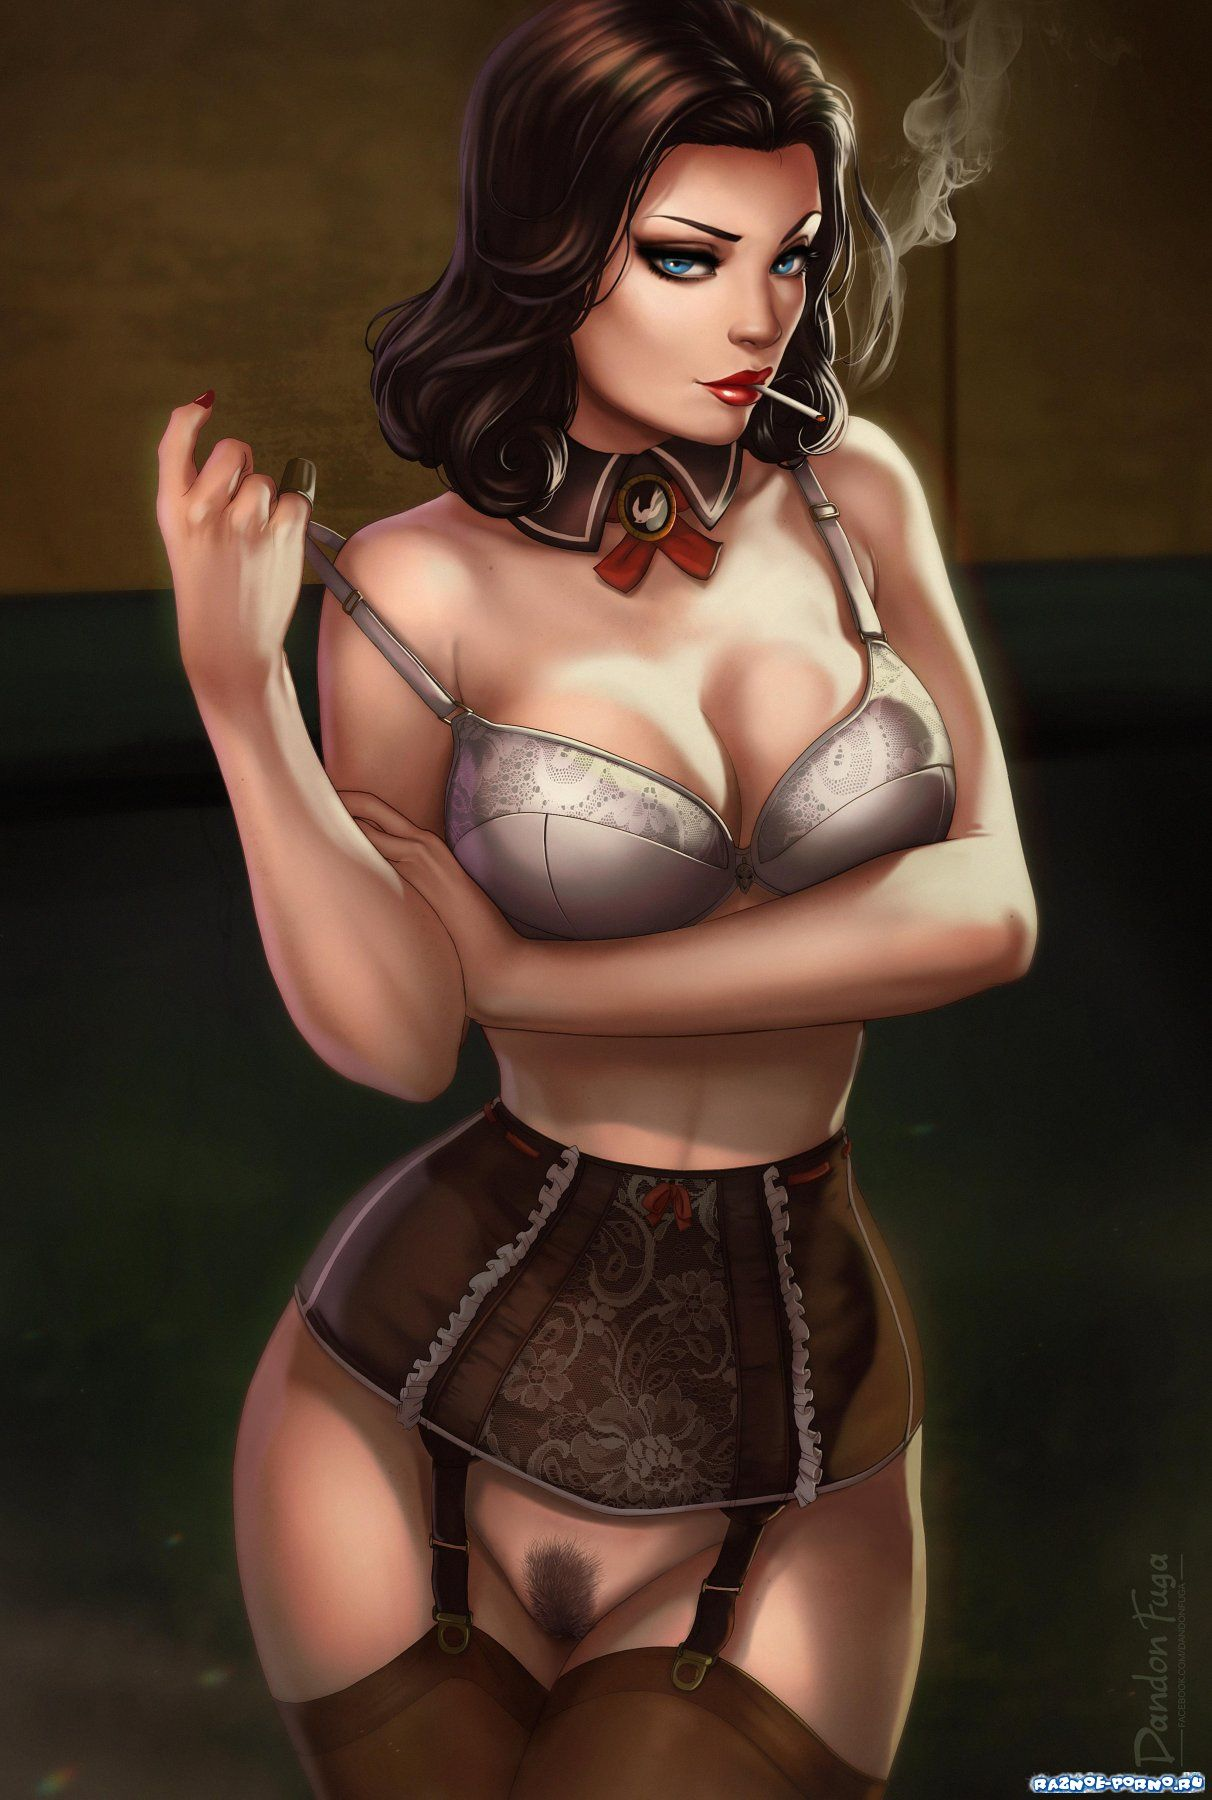 Обнаженные девки картины порно